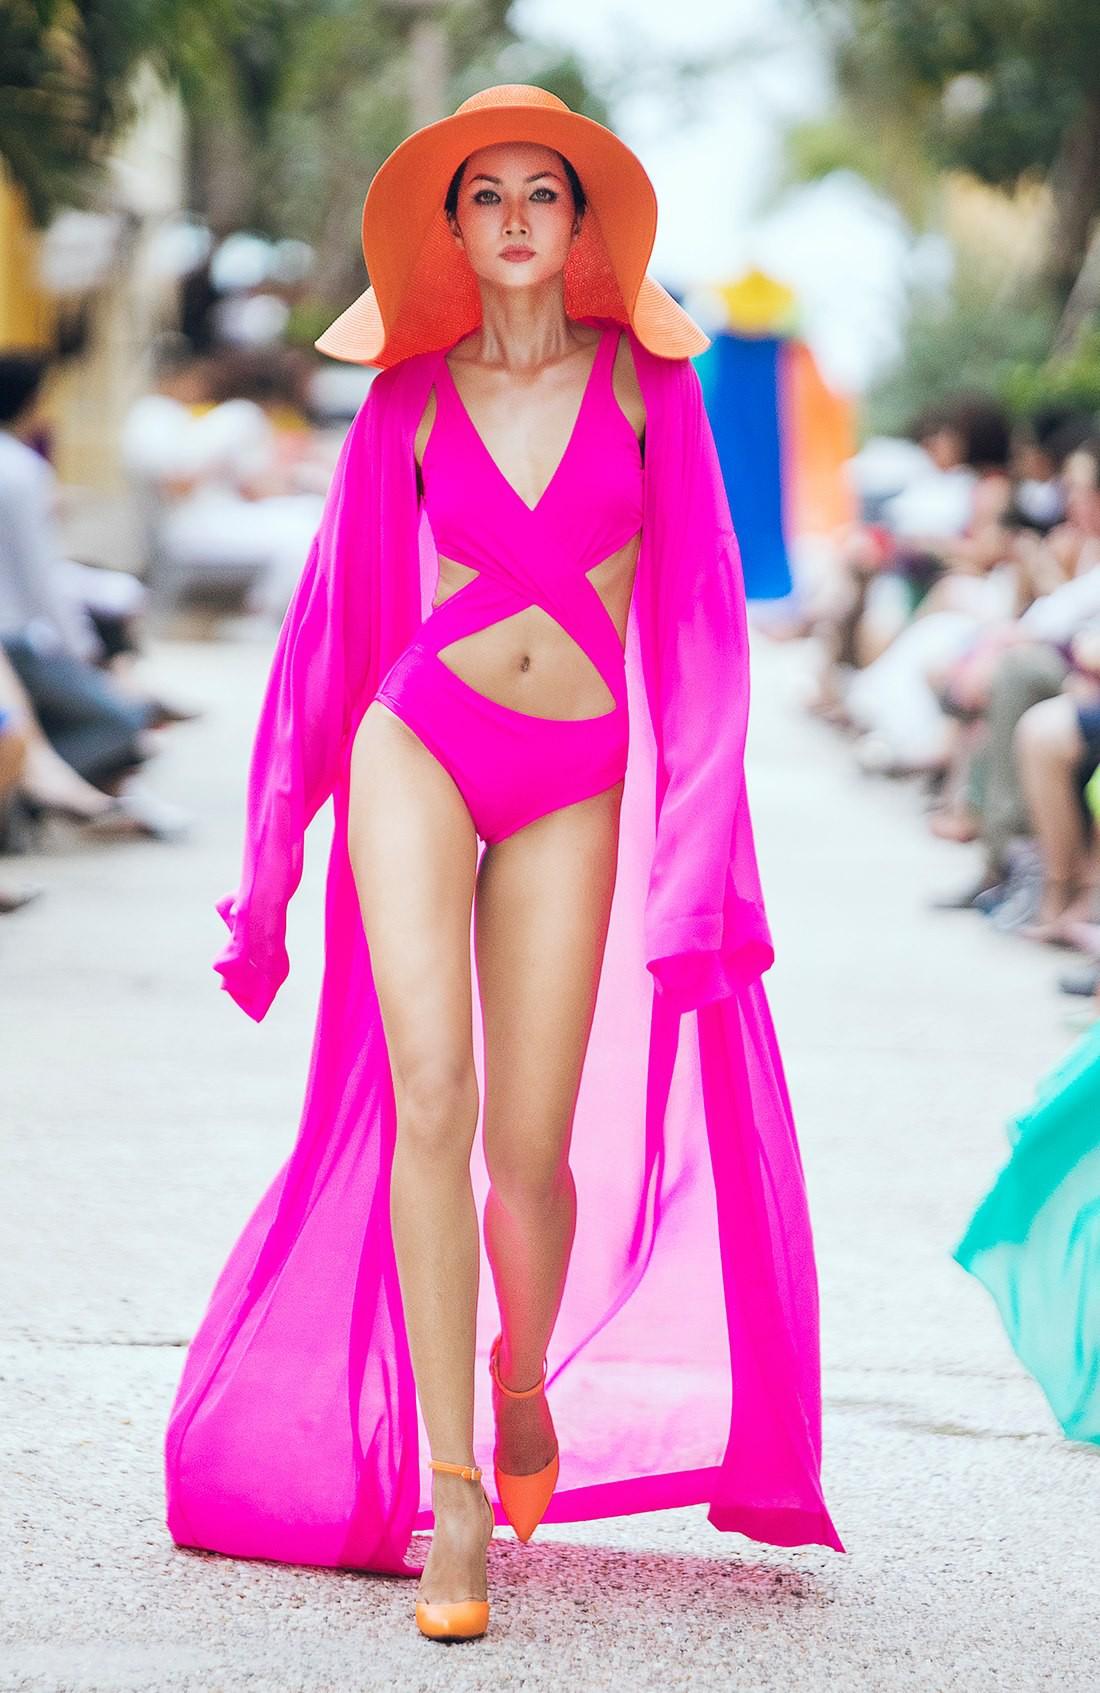 Trước khi đăng quang Hoa hậu, HHen Niê đã là một người mẫu sáng giá với những khoảnh khắc catwalk xuất thần như thế này đây - Ảnh 6.